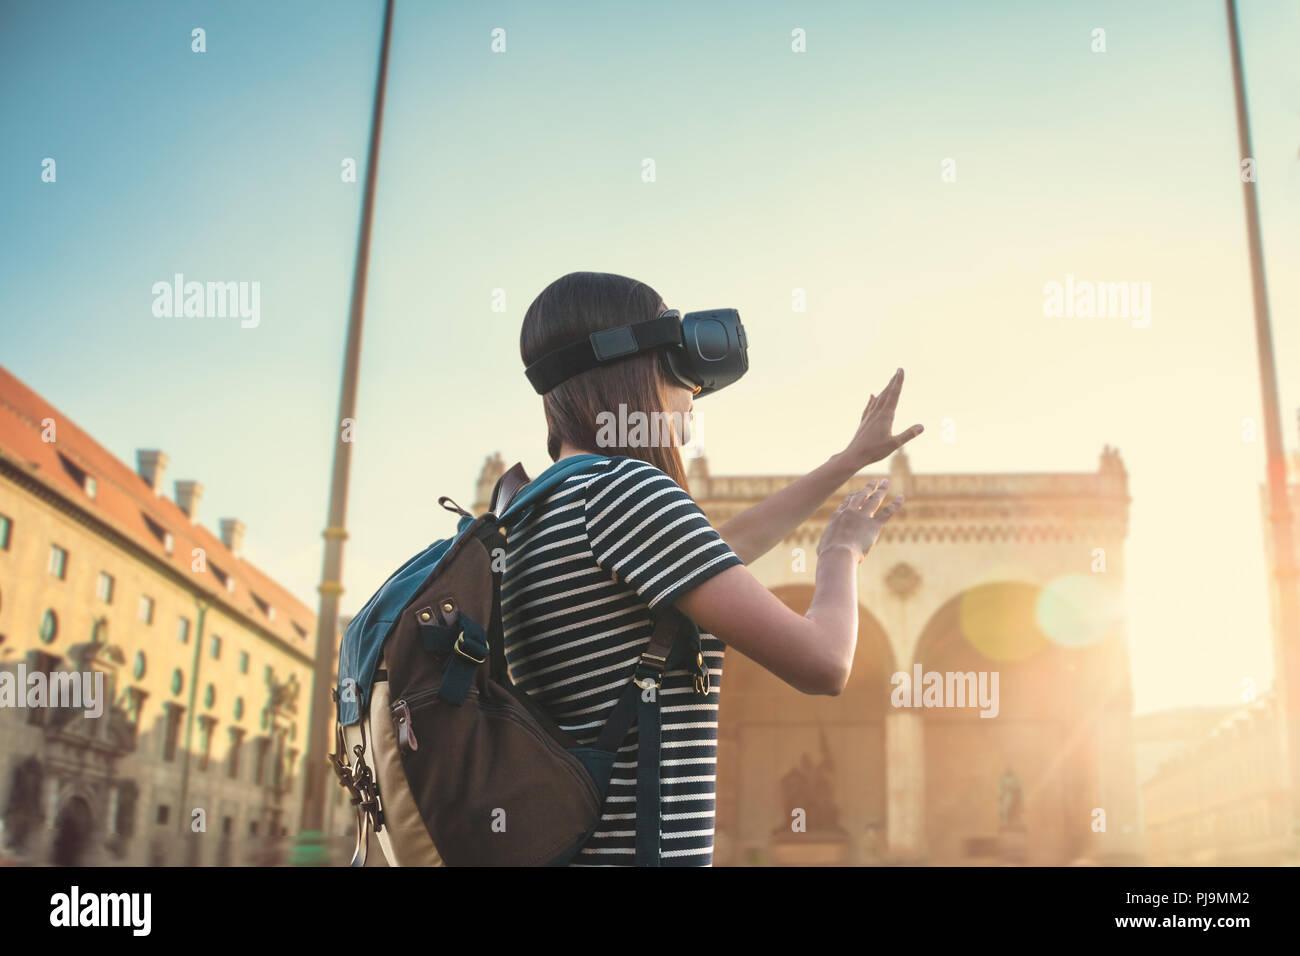 Ragazza turistico in bicchieri di realtà virtuale. Viaggio virtuale in Germania. Il concetto di turismo virtuale. In fondo è la piazza sulla Leopoldstrasse a Monaco di Baviera. Immagini Stock